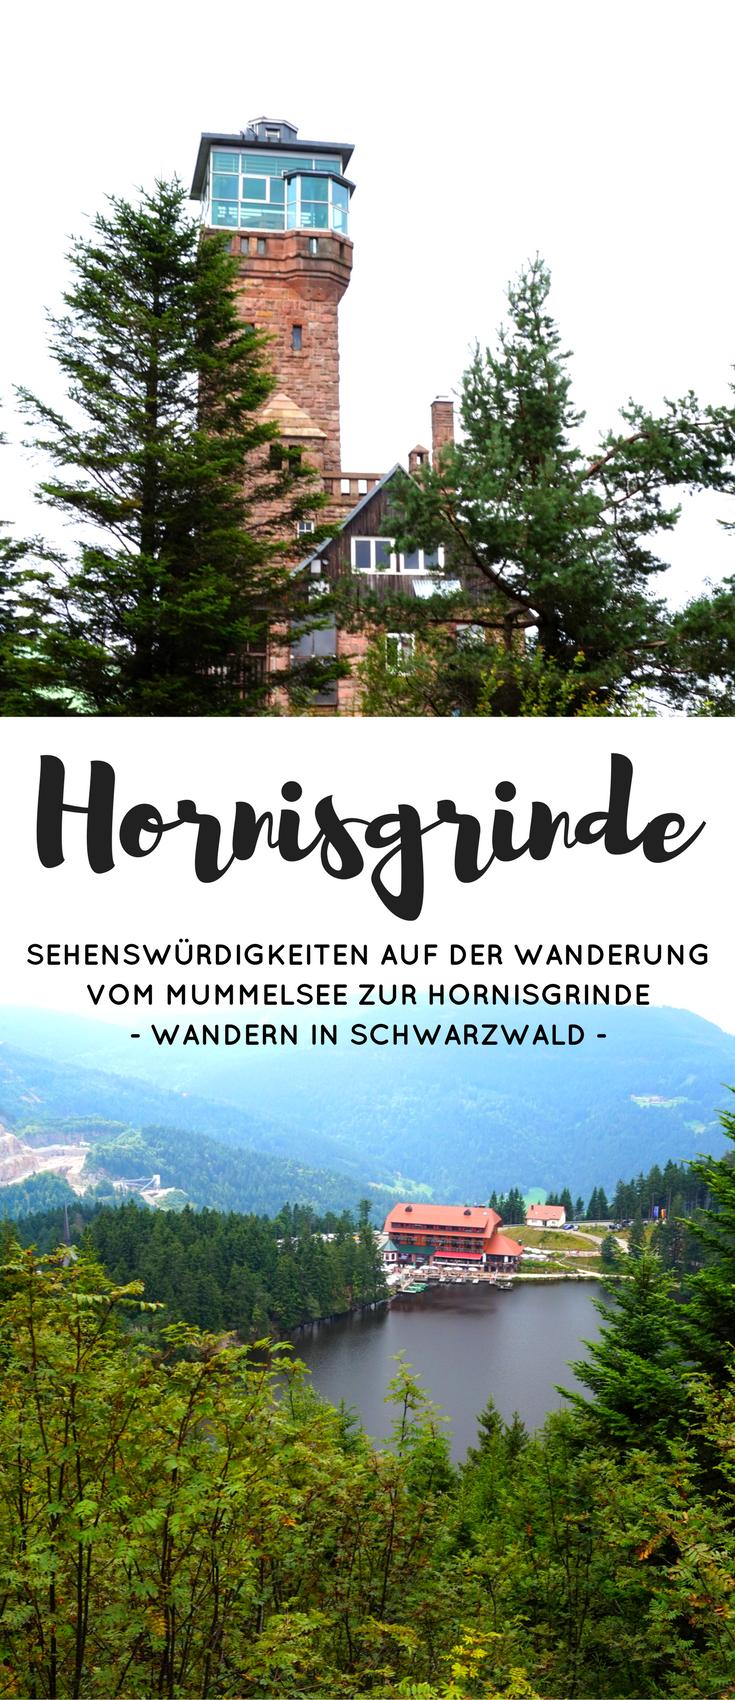 Mummelsee und Hornisgrinde Wandern im Schwarzwald